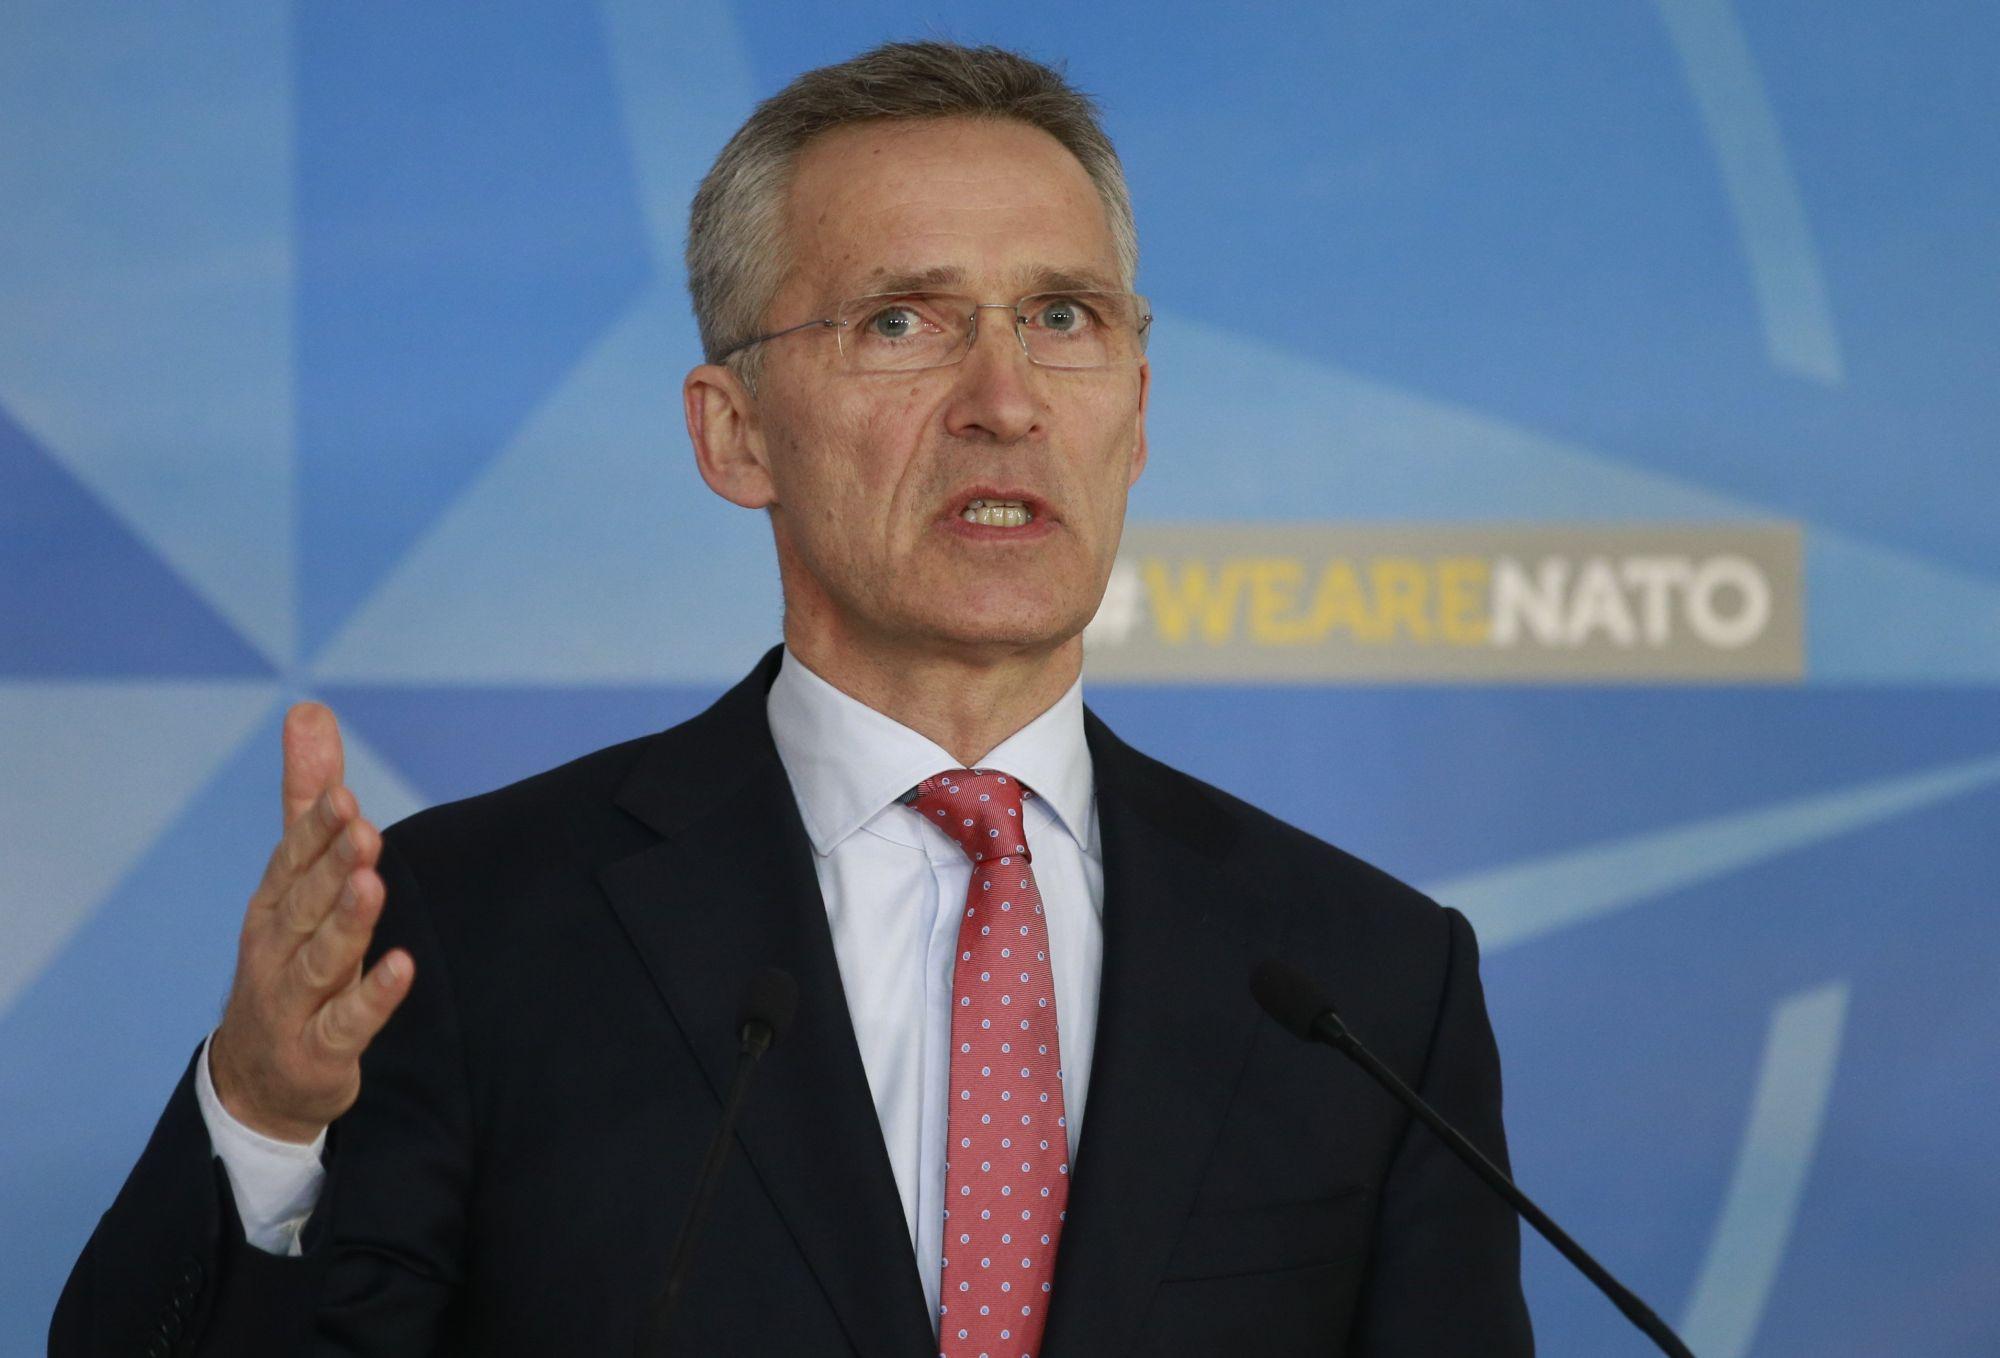 Jens Stoltenberg NATO-főtitkár sajtótájékoztatót tart a világszervezet brüsszeli székházában 2018. március 27-én, ahol bejelentette, hogy a NATO visszavonta hét orosz diplomata akkreditációját, a katonai szövetség melletti orosz képviselet személyzetének létszámát pedig húsz főben maximálták. (MTI/EPA/Olivier Hoslet)